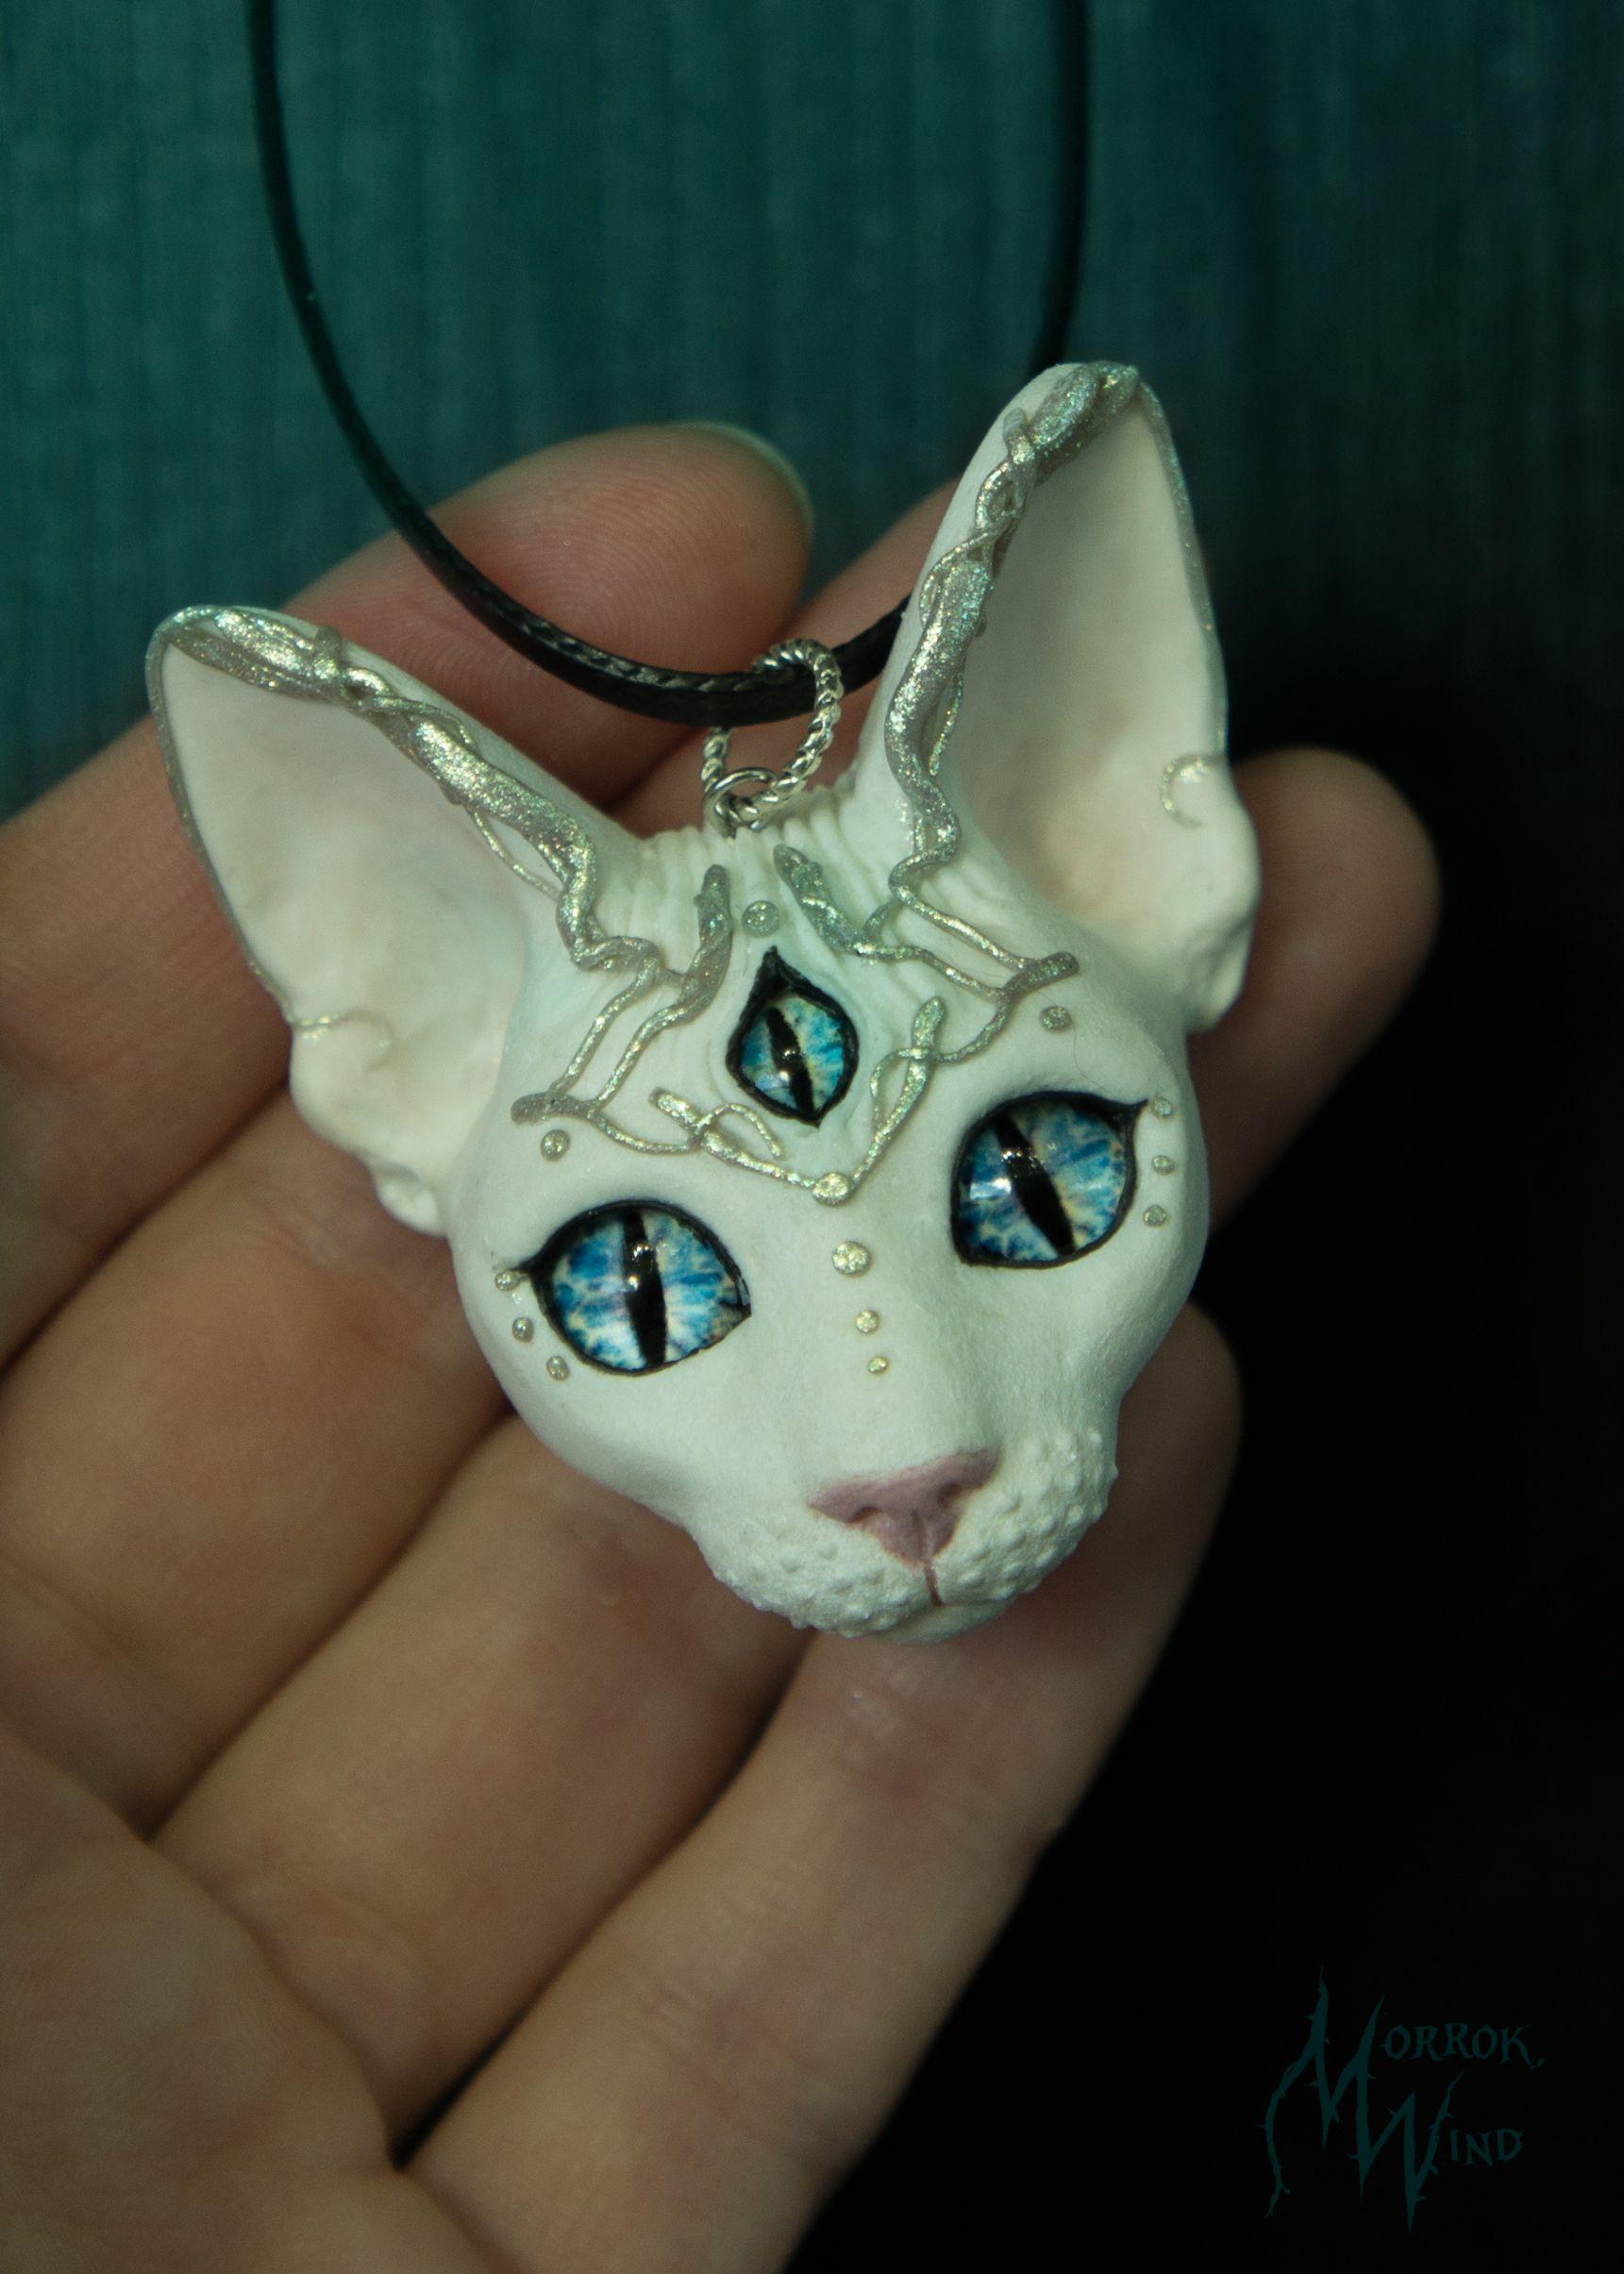 white cat Sphynx cat third eye mystic necklace blue eyes